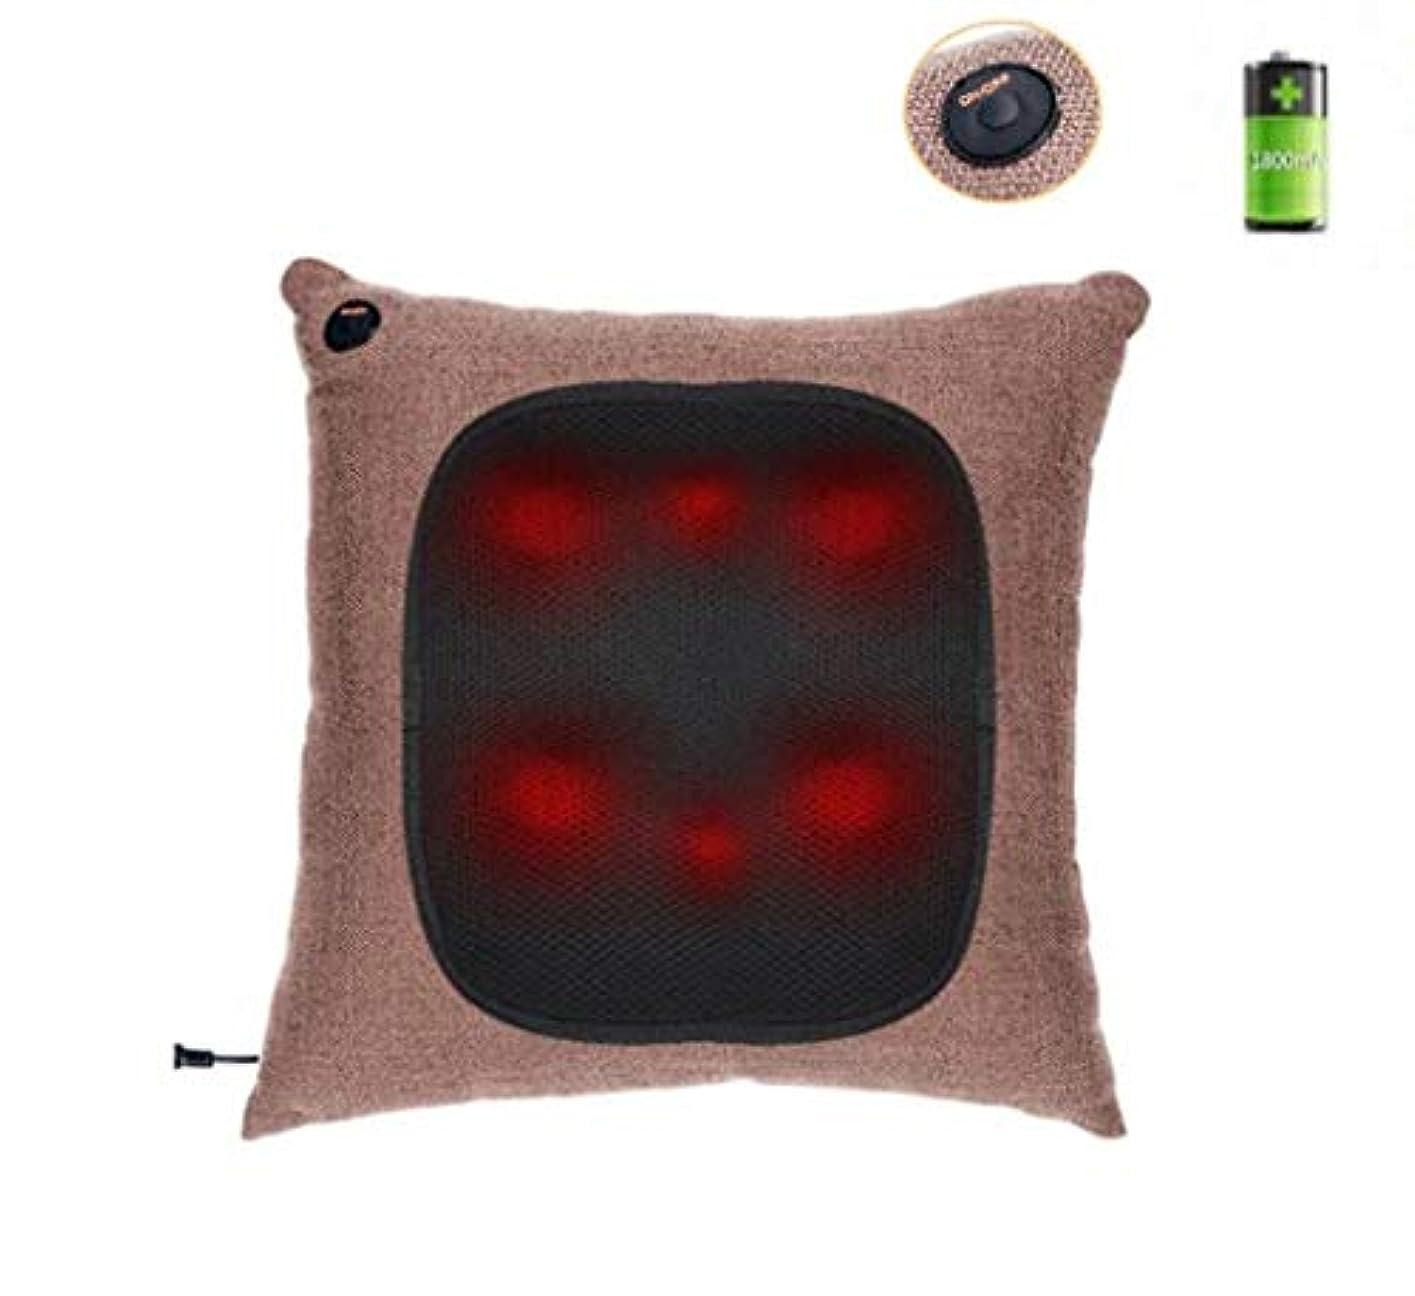 粒子ホース自体多機能マッサージ枕、オフィス、自宅、車、首、肩、腰、背中、ボディマッサージクッション、携帯用枕、充電式、ワイヤレス